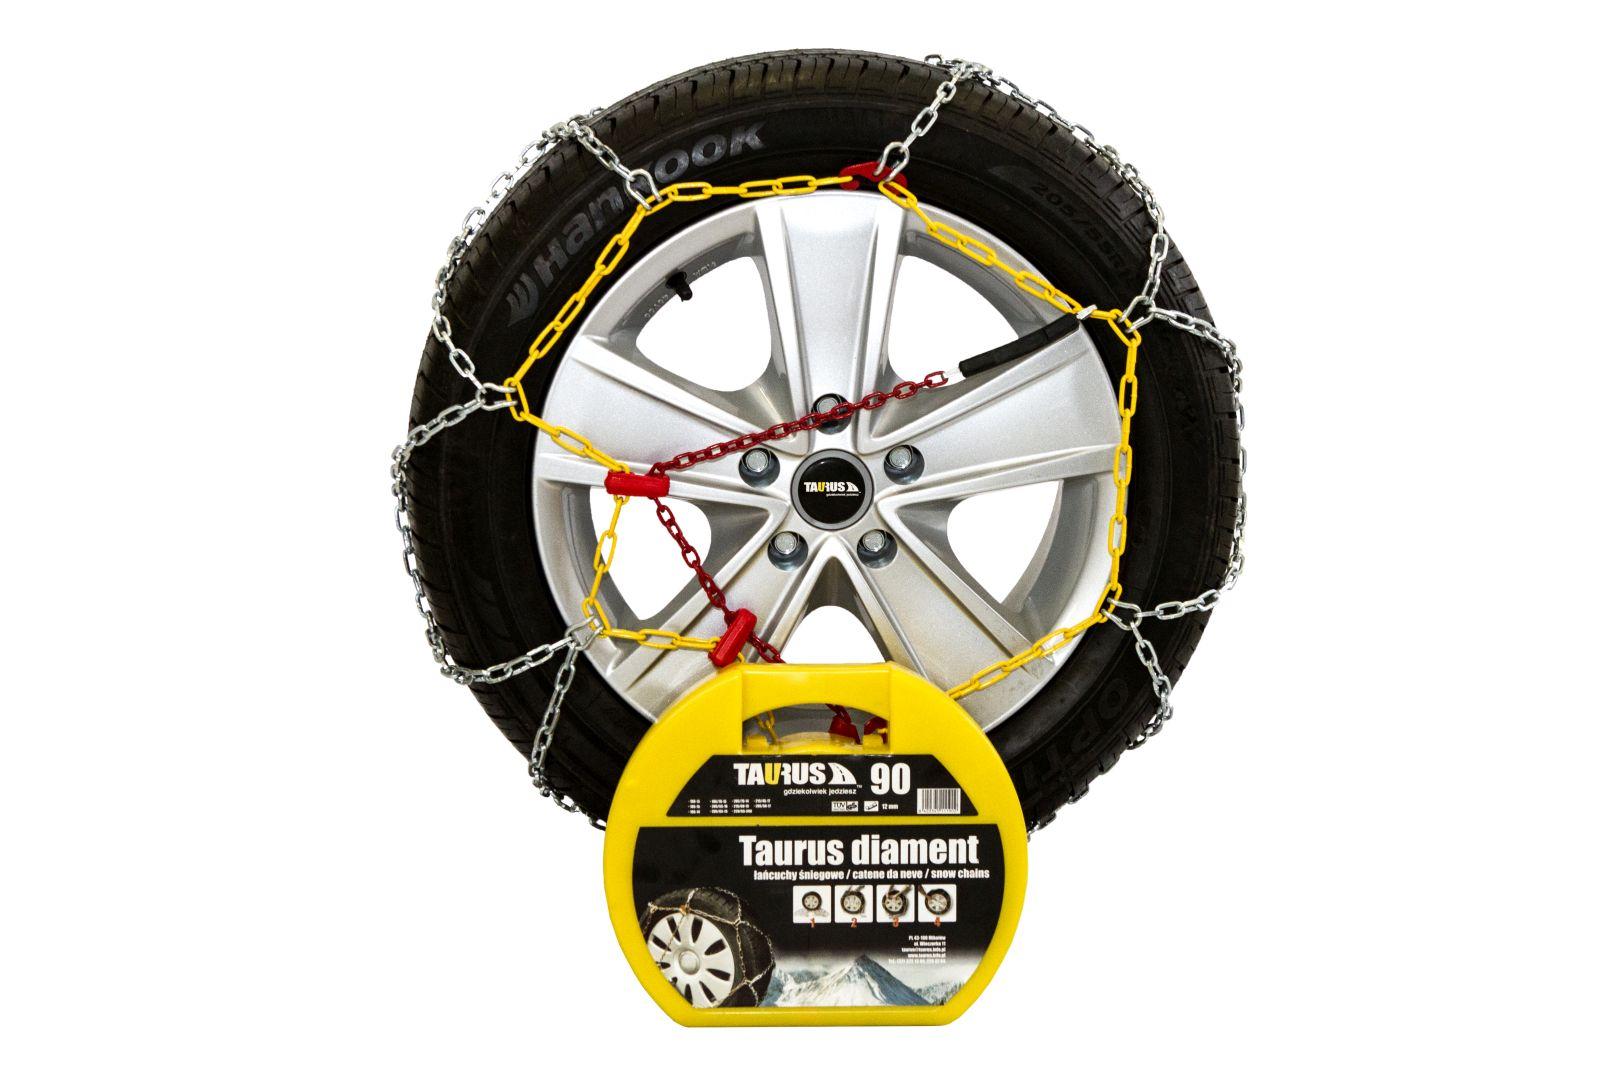 Комплект цепей противоскольжения Taurus Diament (12 мм) 90 ( звено ДСЗ 3,55мм ) с защитой литых дисков, Цепи на колёса Taurus Diament TDIA1290